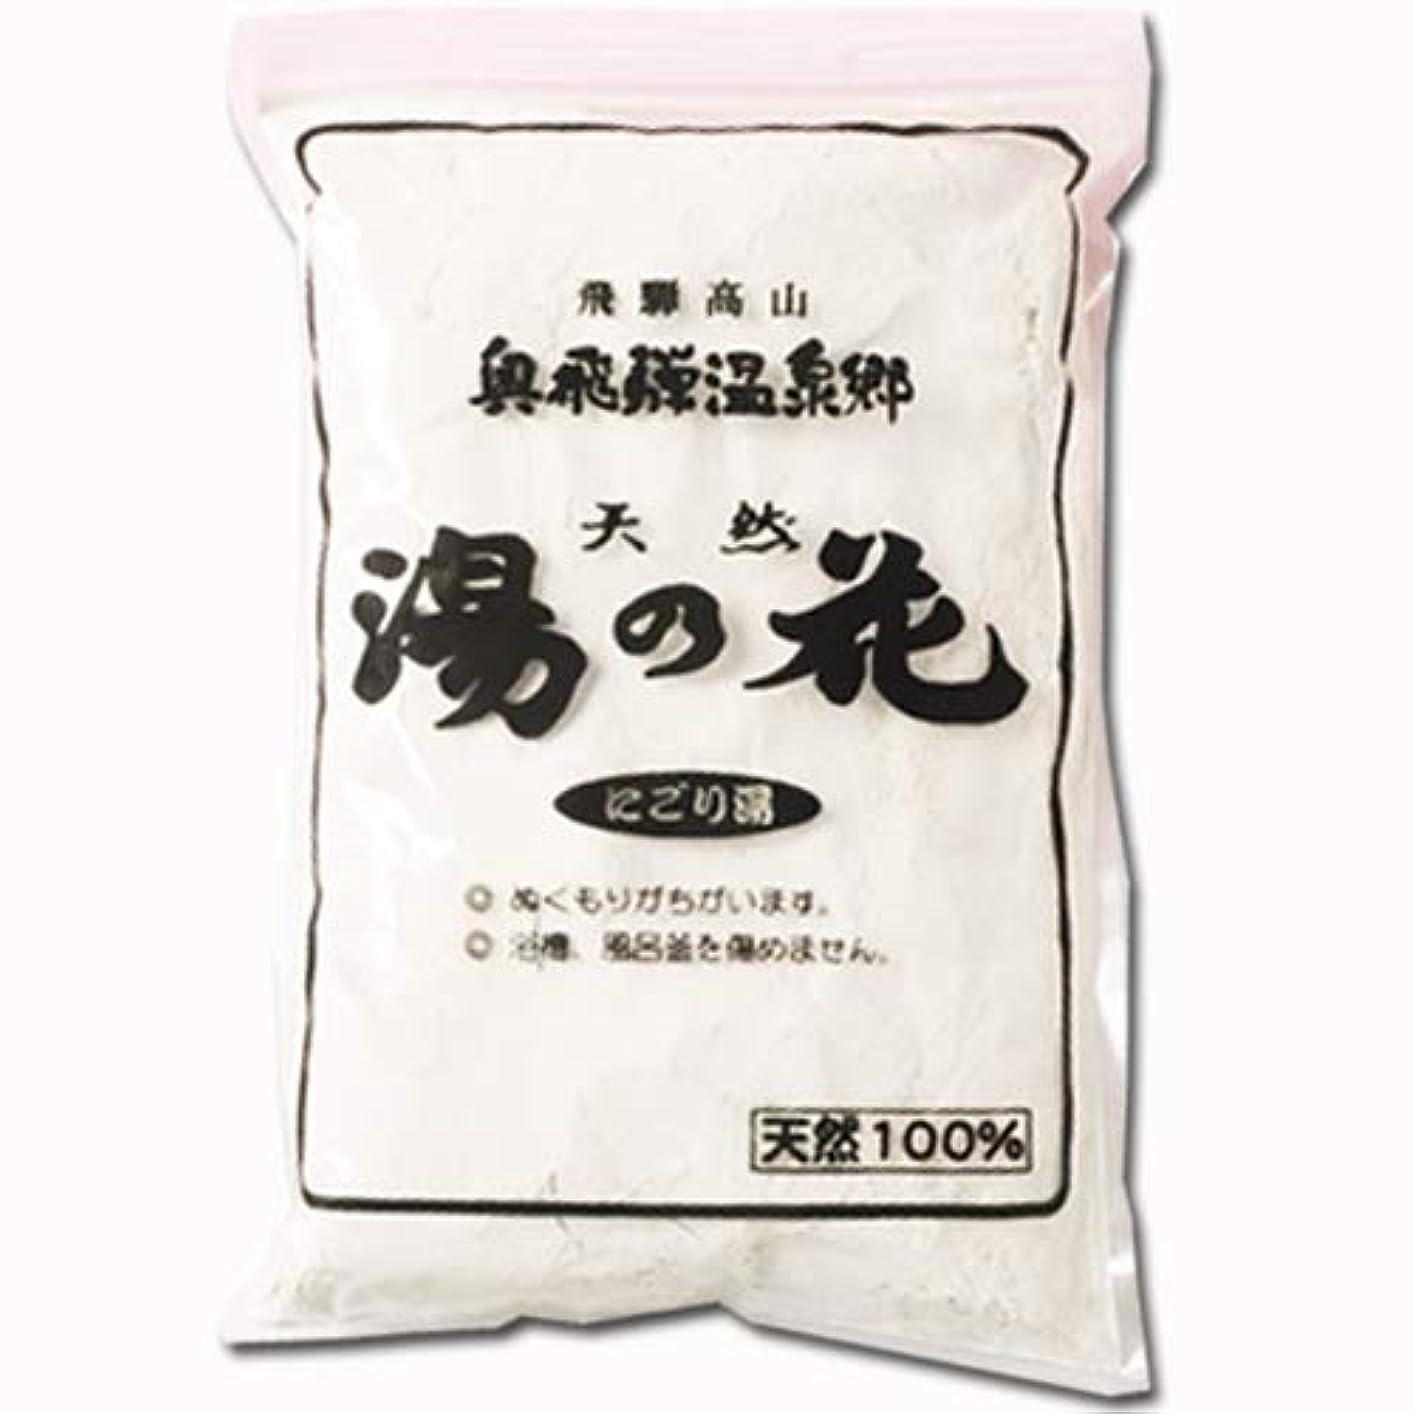 操縦する蒸発するアピール天然湯の花 (業務用) 1kg (飛騨高山温泉郷 にごり湯)